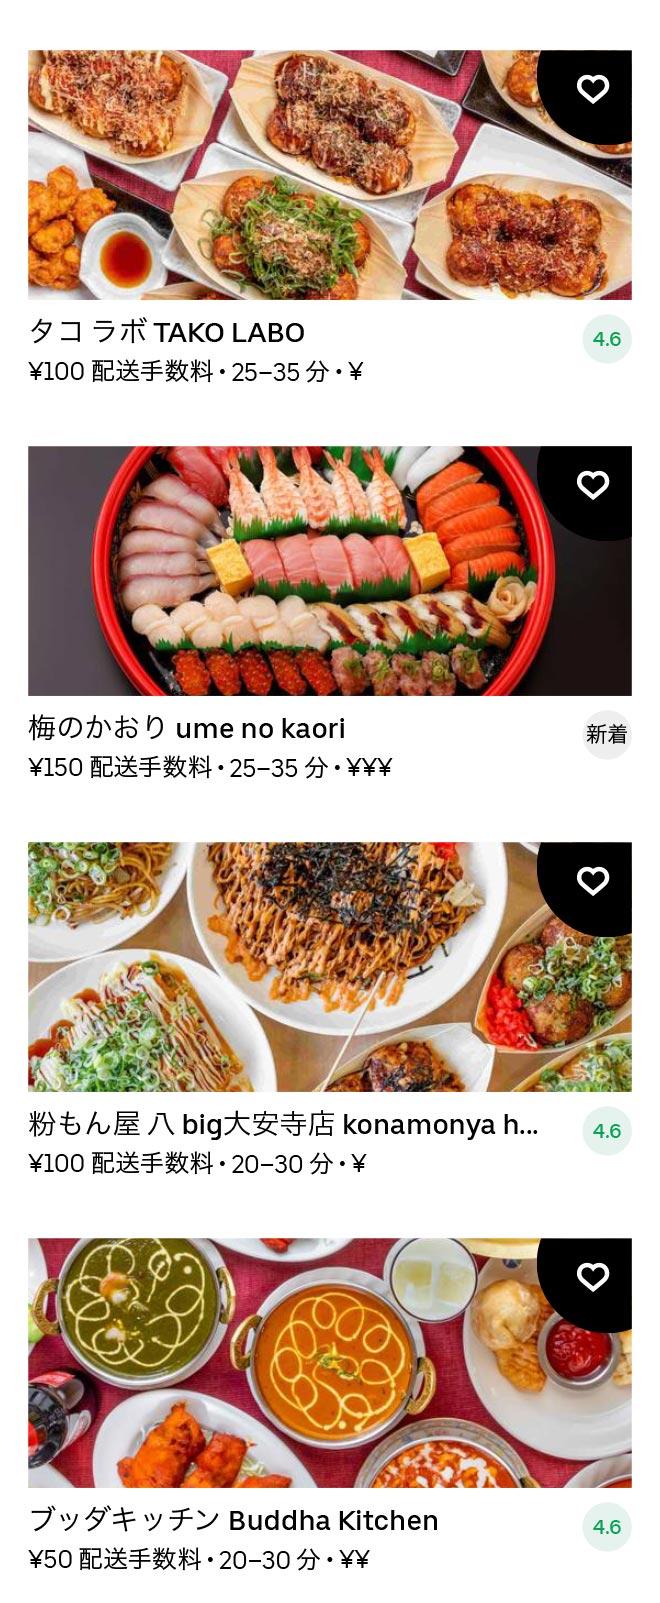 Nara menu 2011 08